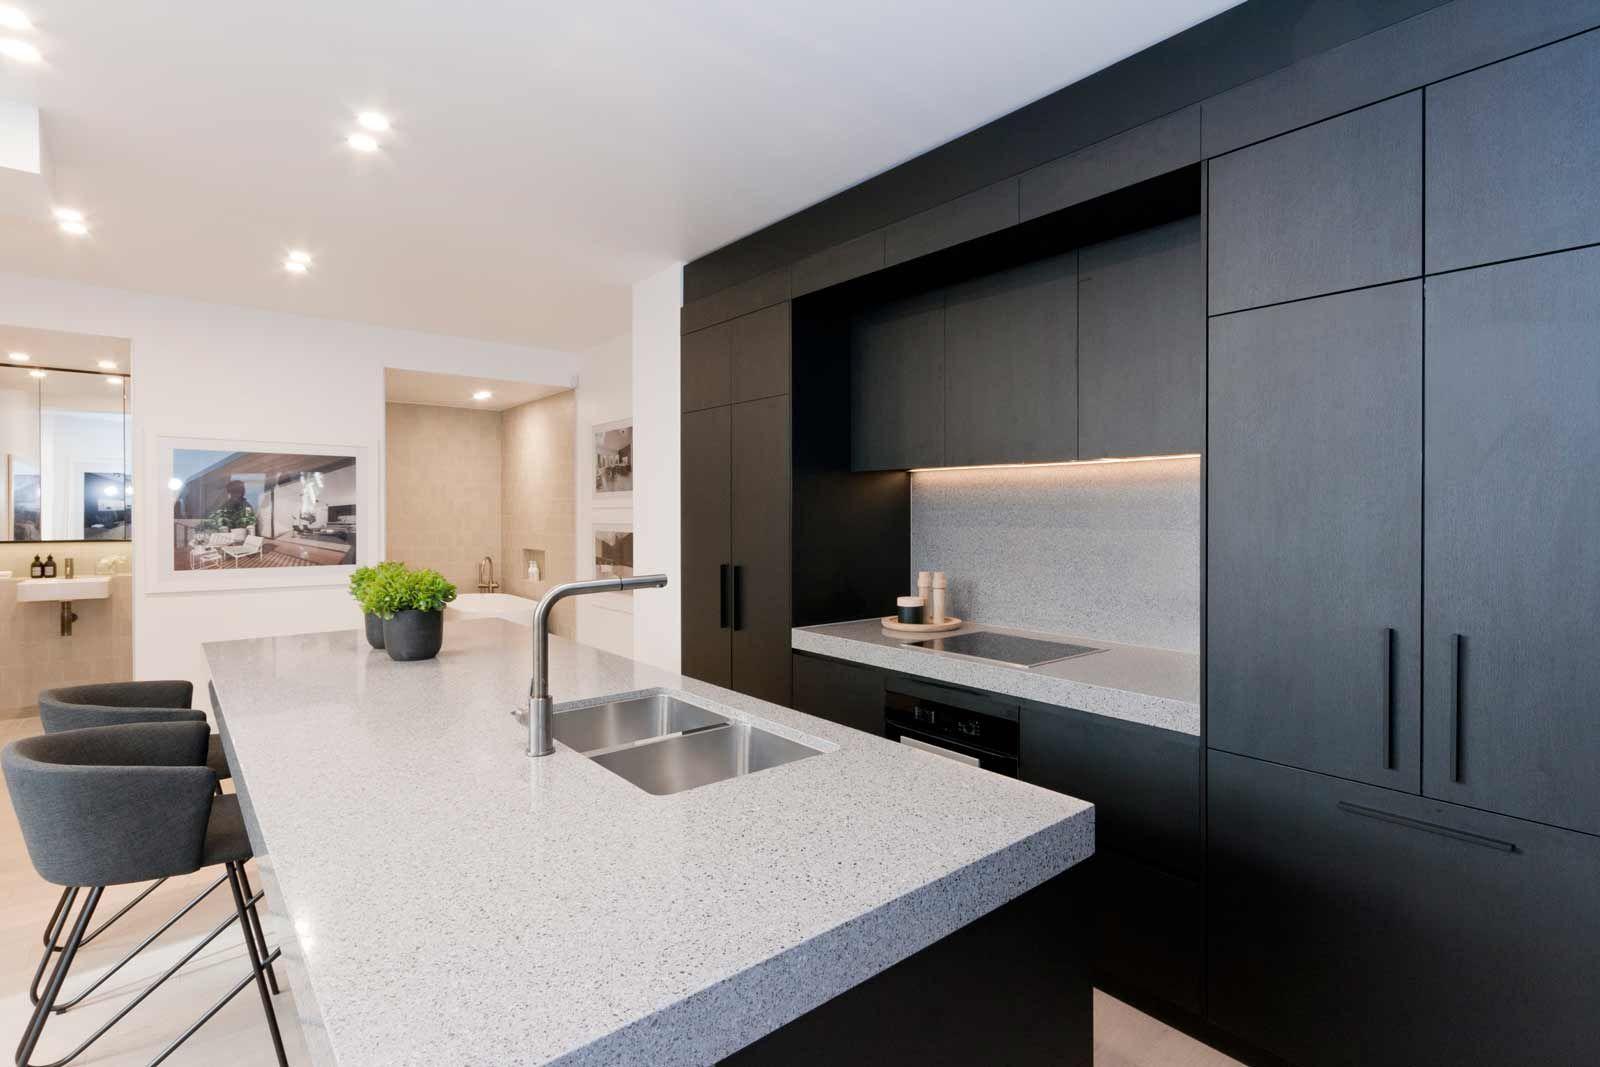 Interior MOdern Black Matte Kitchen Cabinet Table With Double Sink - Dark grey matt kitchen